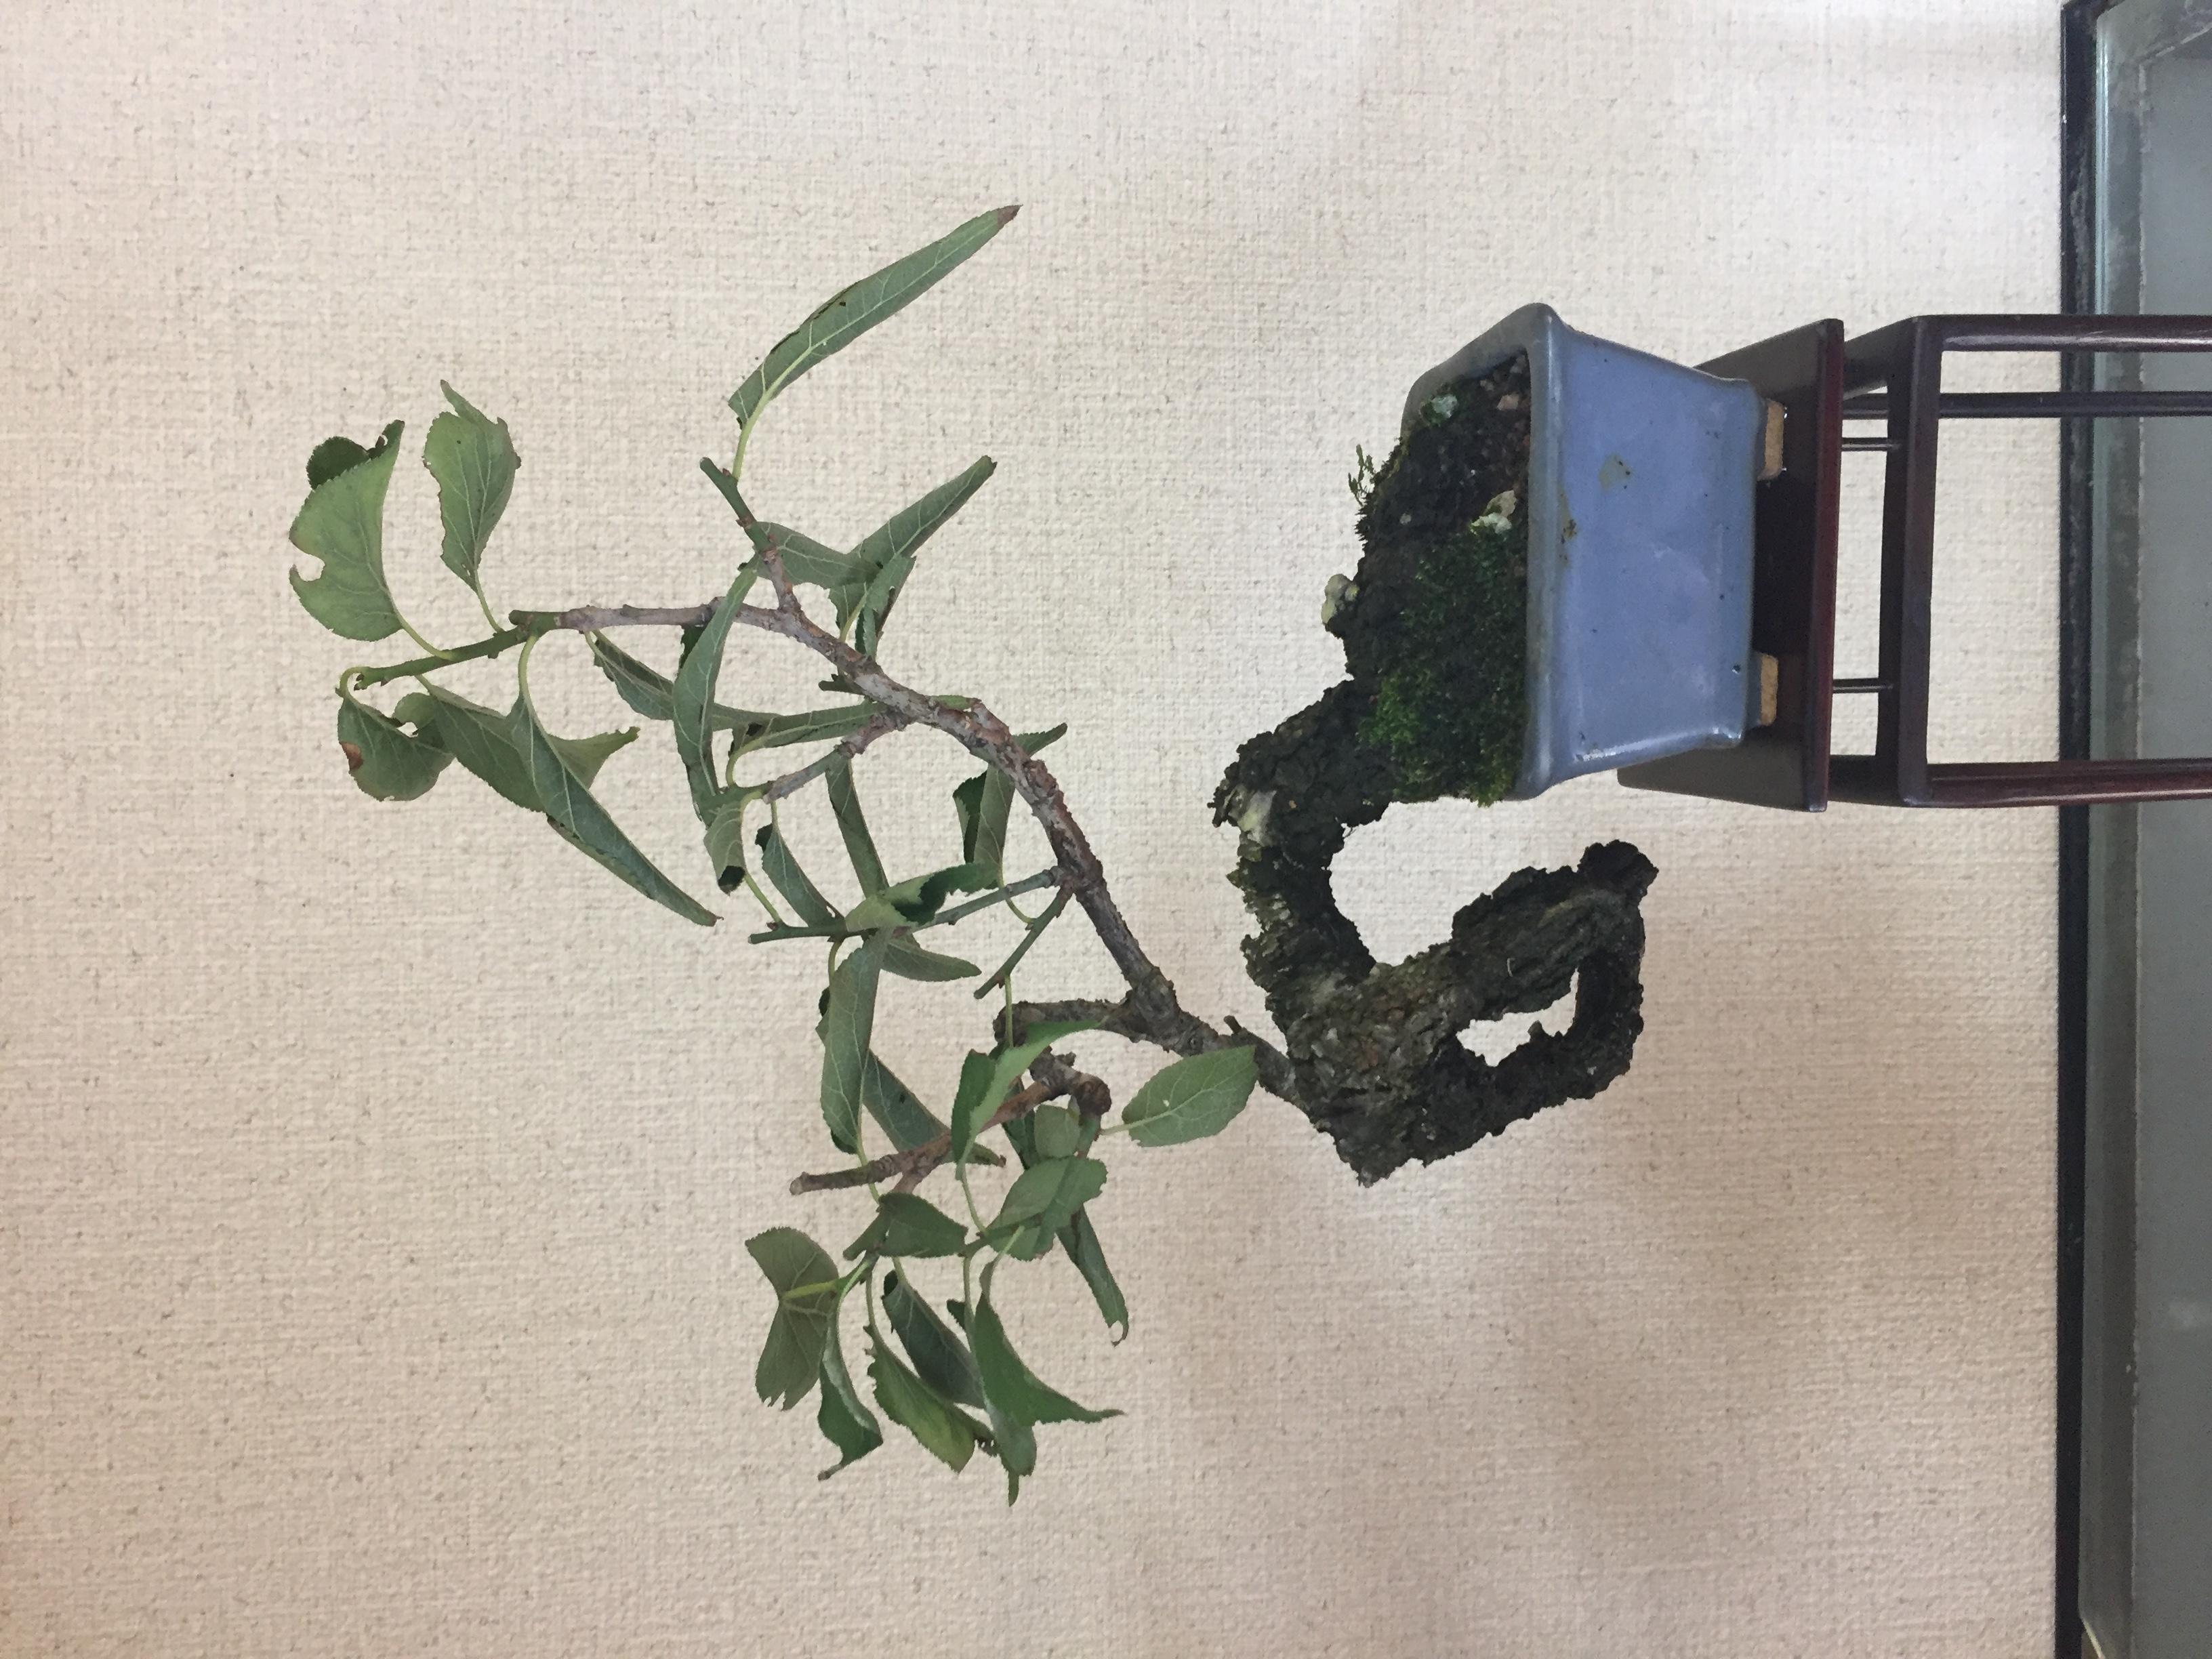 成彦 Shigehiko 盆栽 Bonsai / 野梅 ノウメ